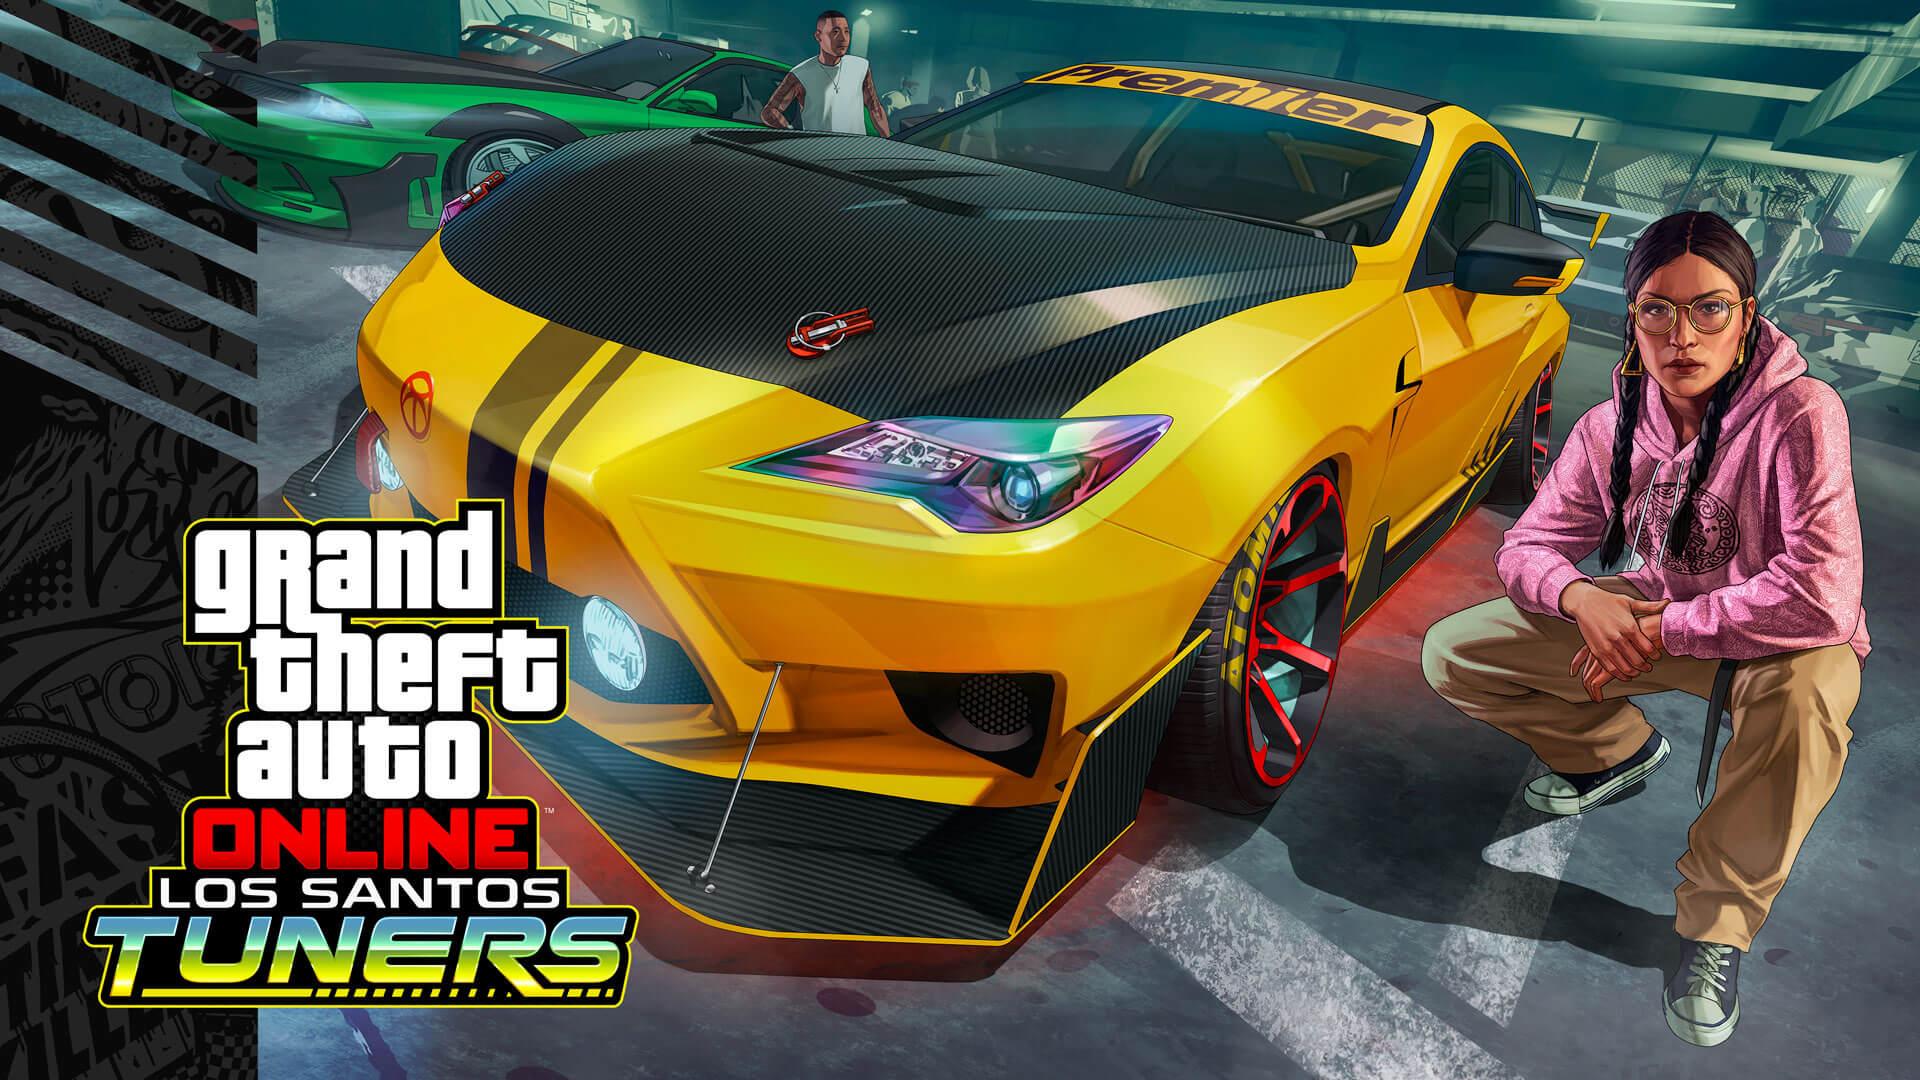 GTA Online muestra las novedades de su actualización Los Santos Tuners en un tráiler